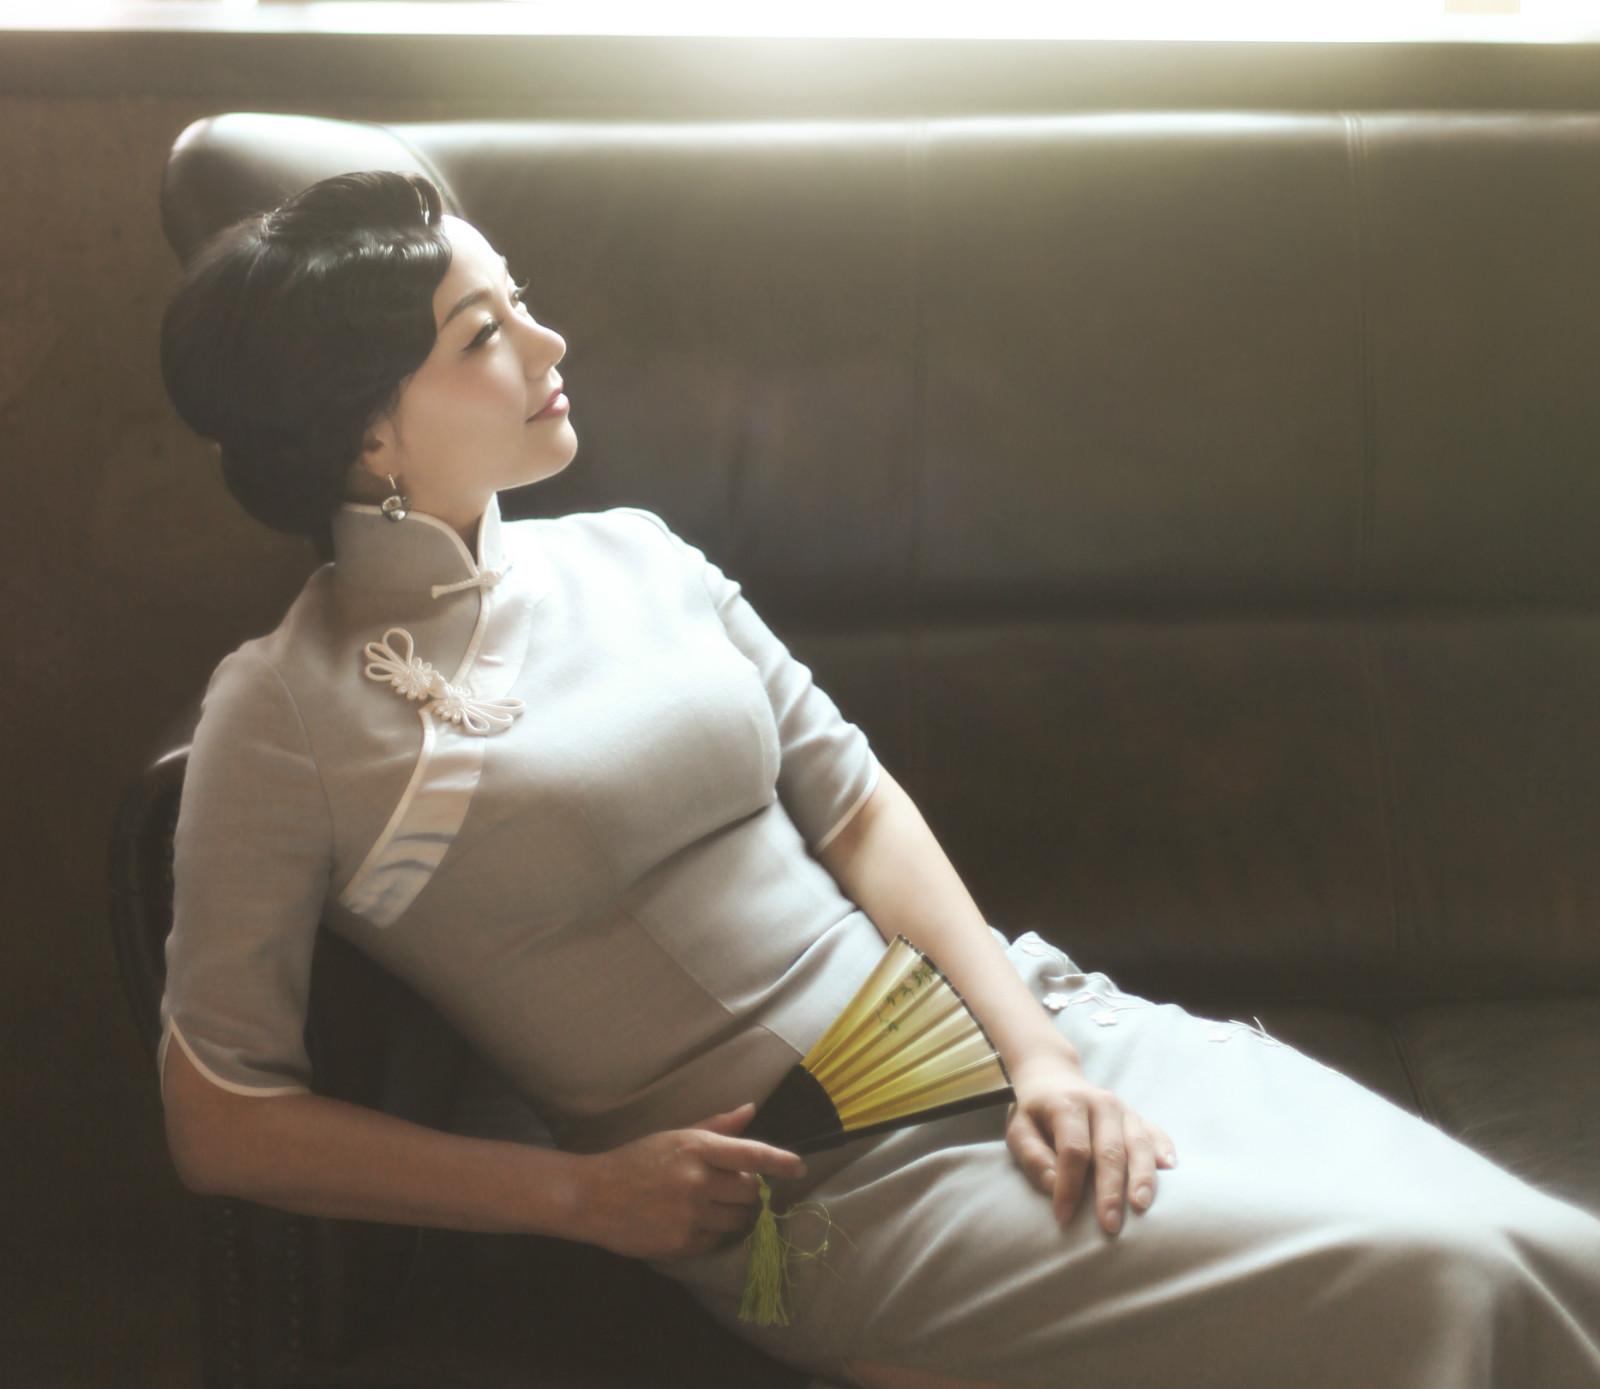 Twitter Marjan Farjat nudes (91 photos), Ass, Leaked, Selfie, underwear 2020